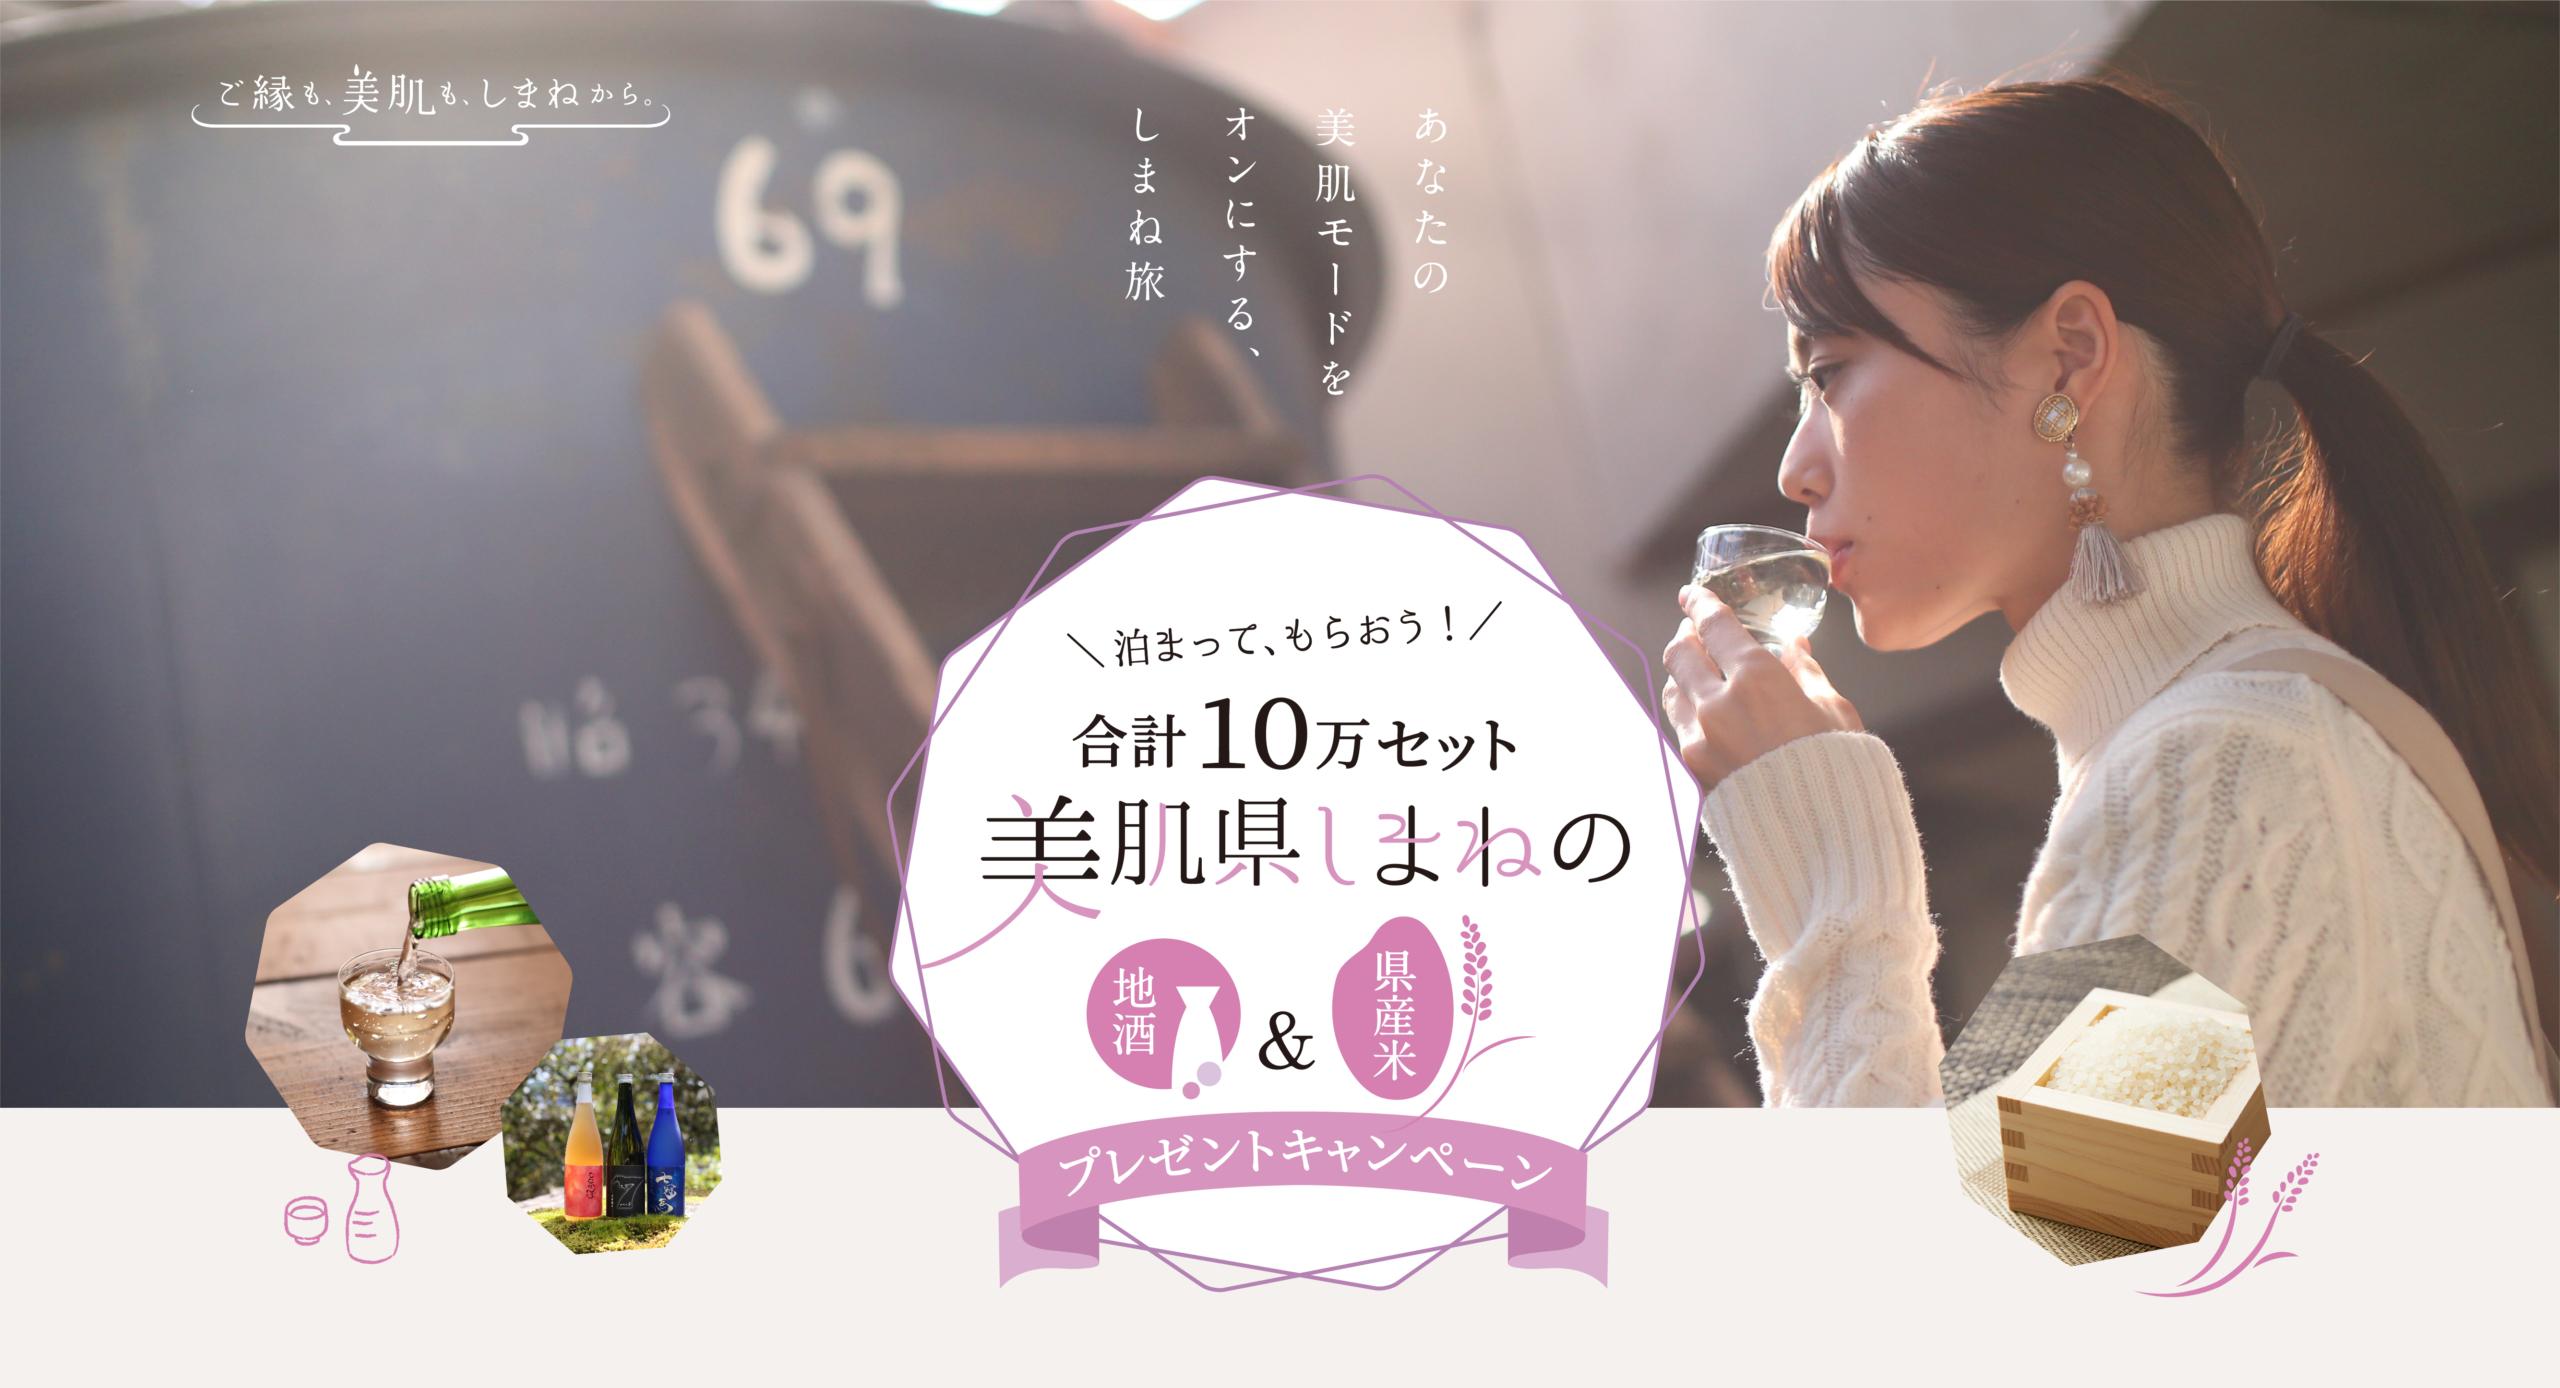 美肌県しまねの地酒・県産米プレゼント